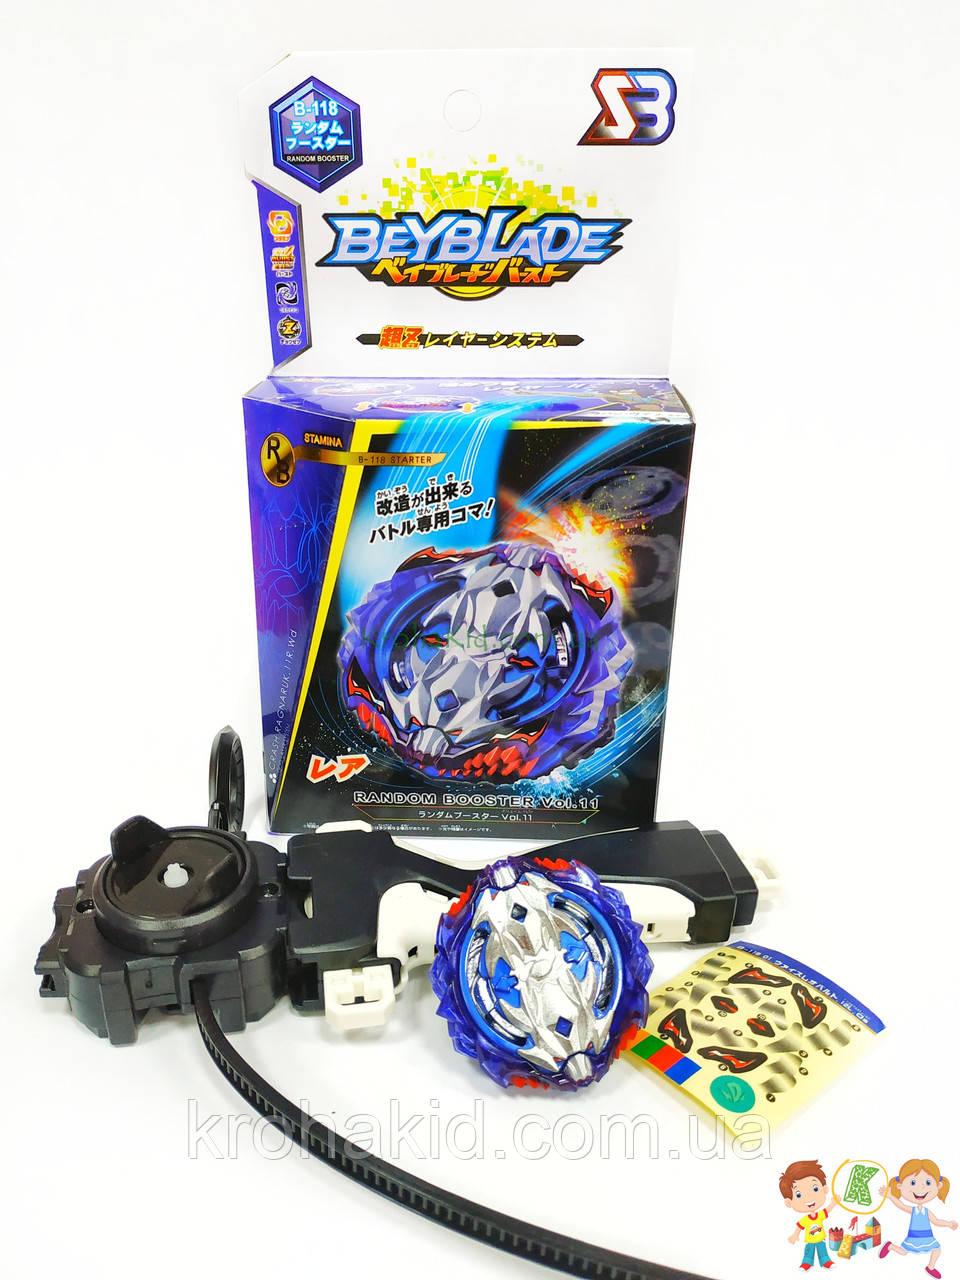 Іграшка BeyBlade Vise Leopard B-118 / Бейблэйд Вайс Леопард (синій) SB